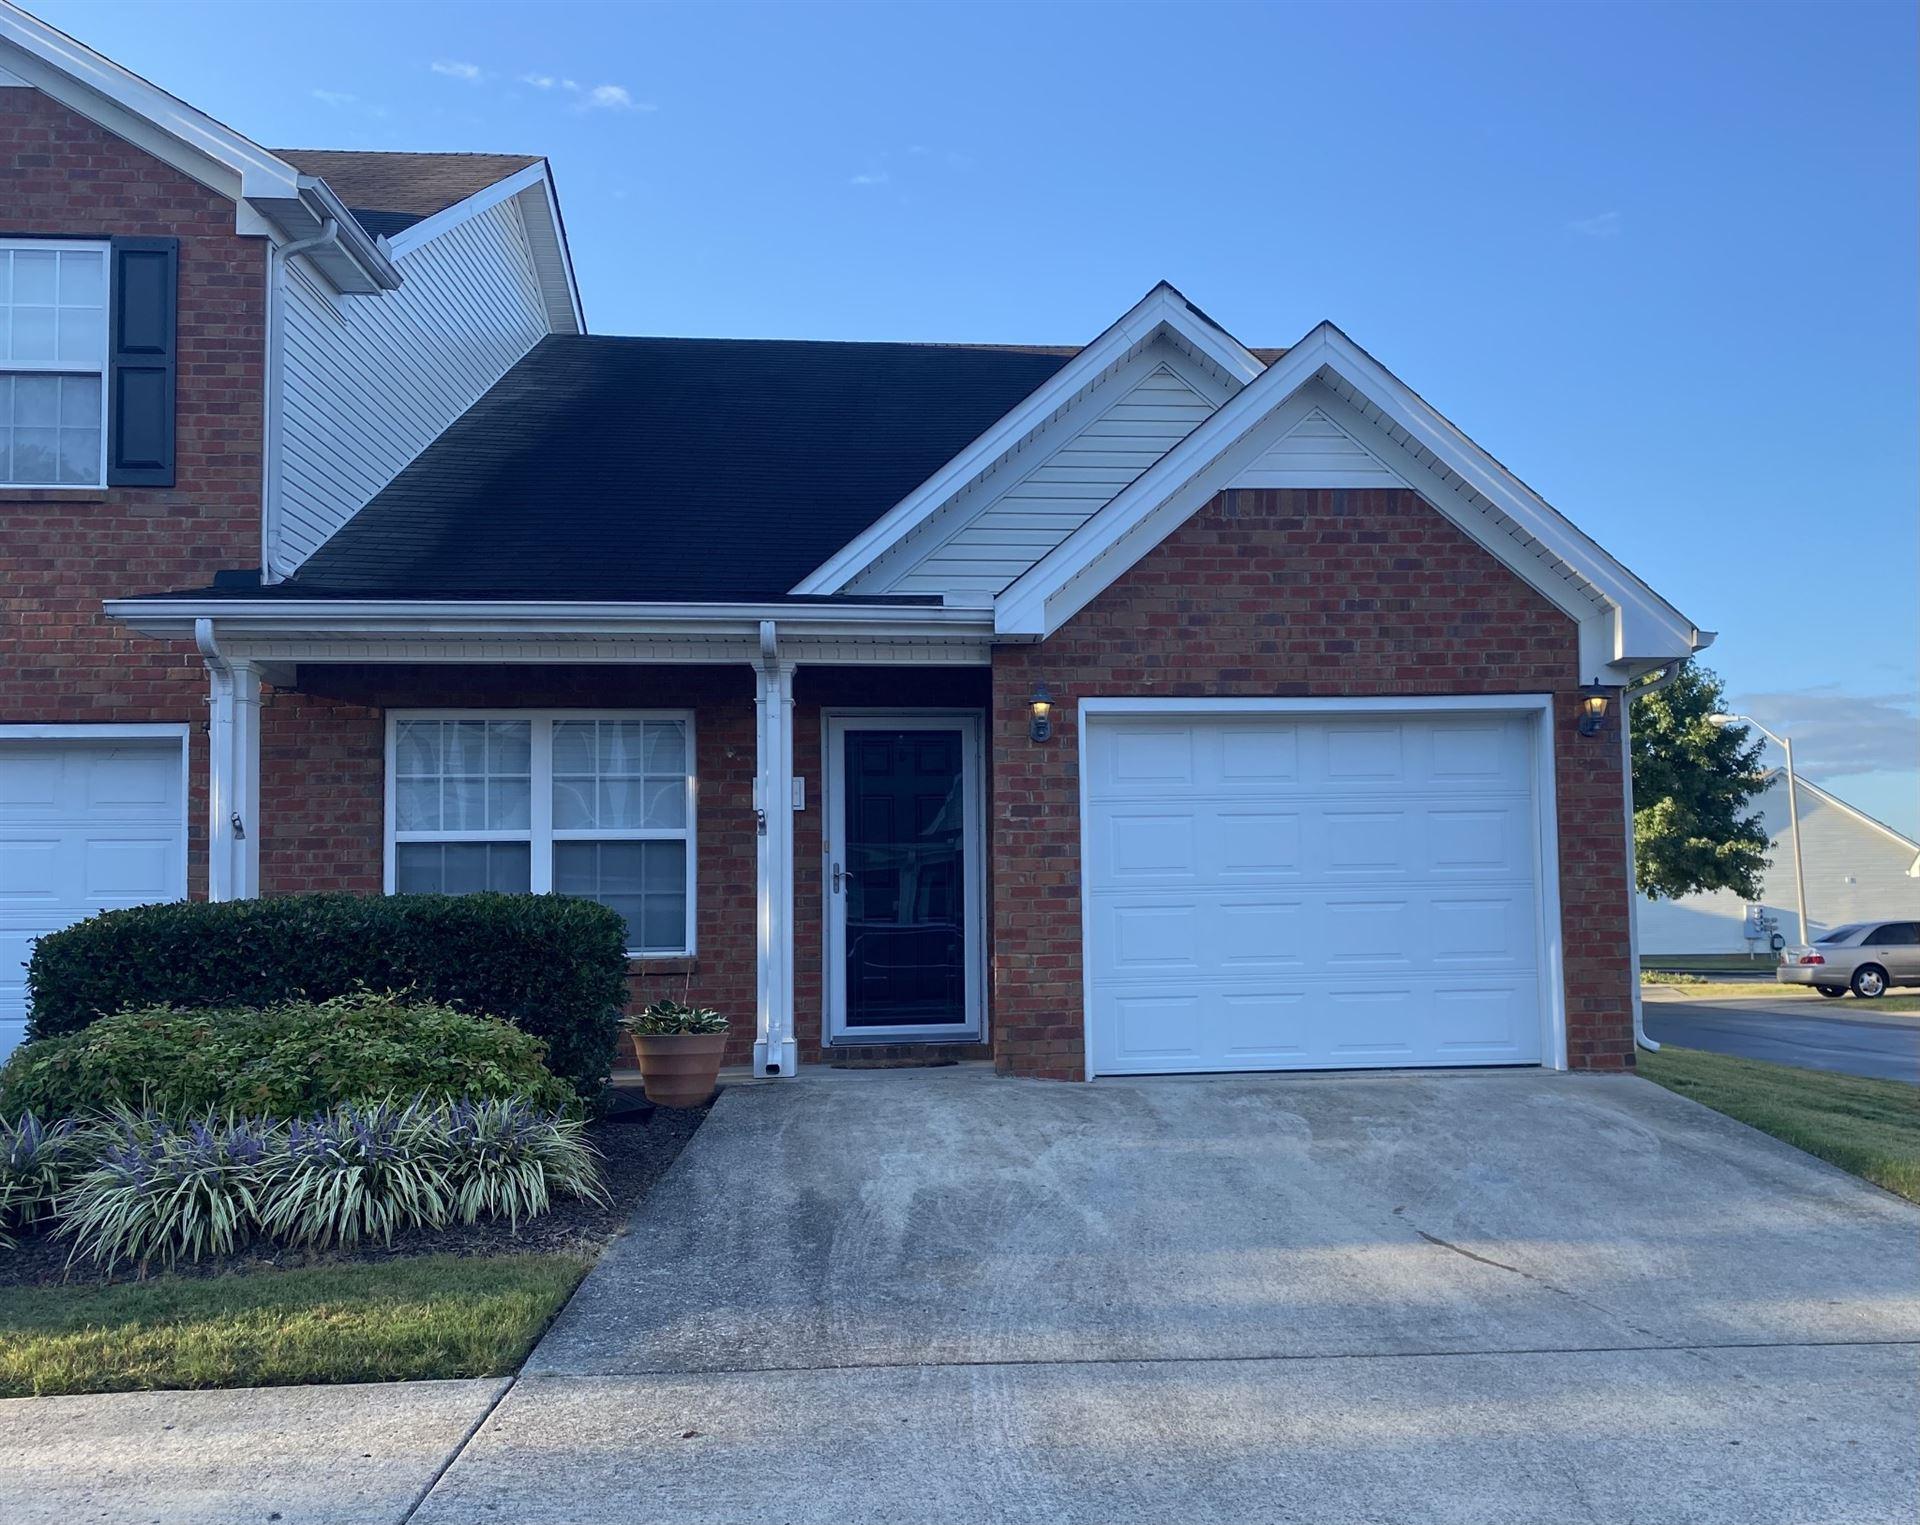 Photo of 3719 Red Willow Ct, Murfreesboro, TN 37128 (MLS # 2291544)